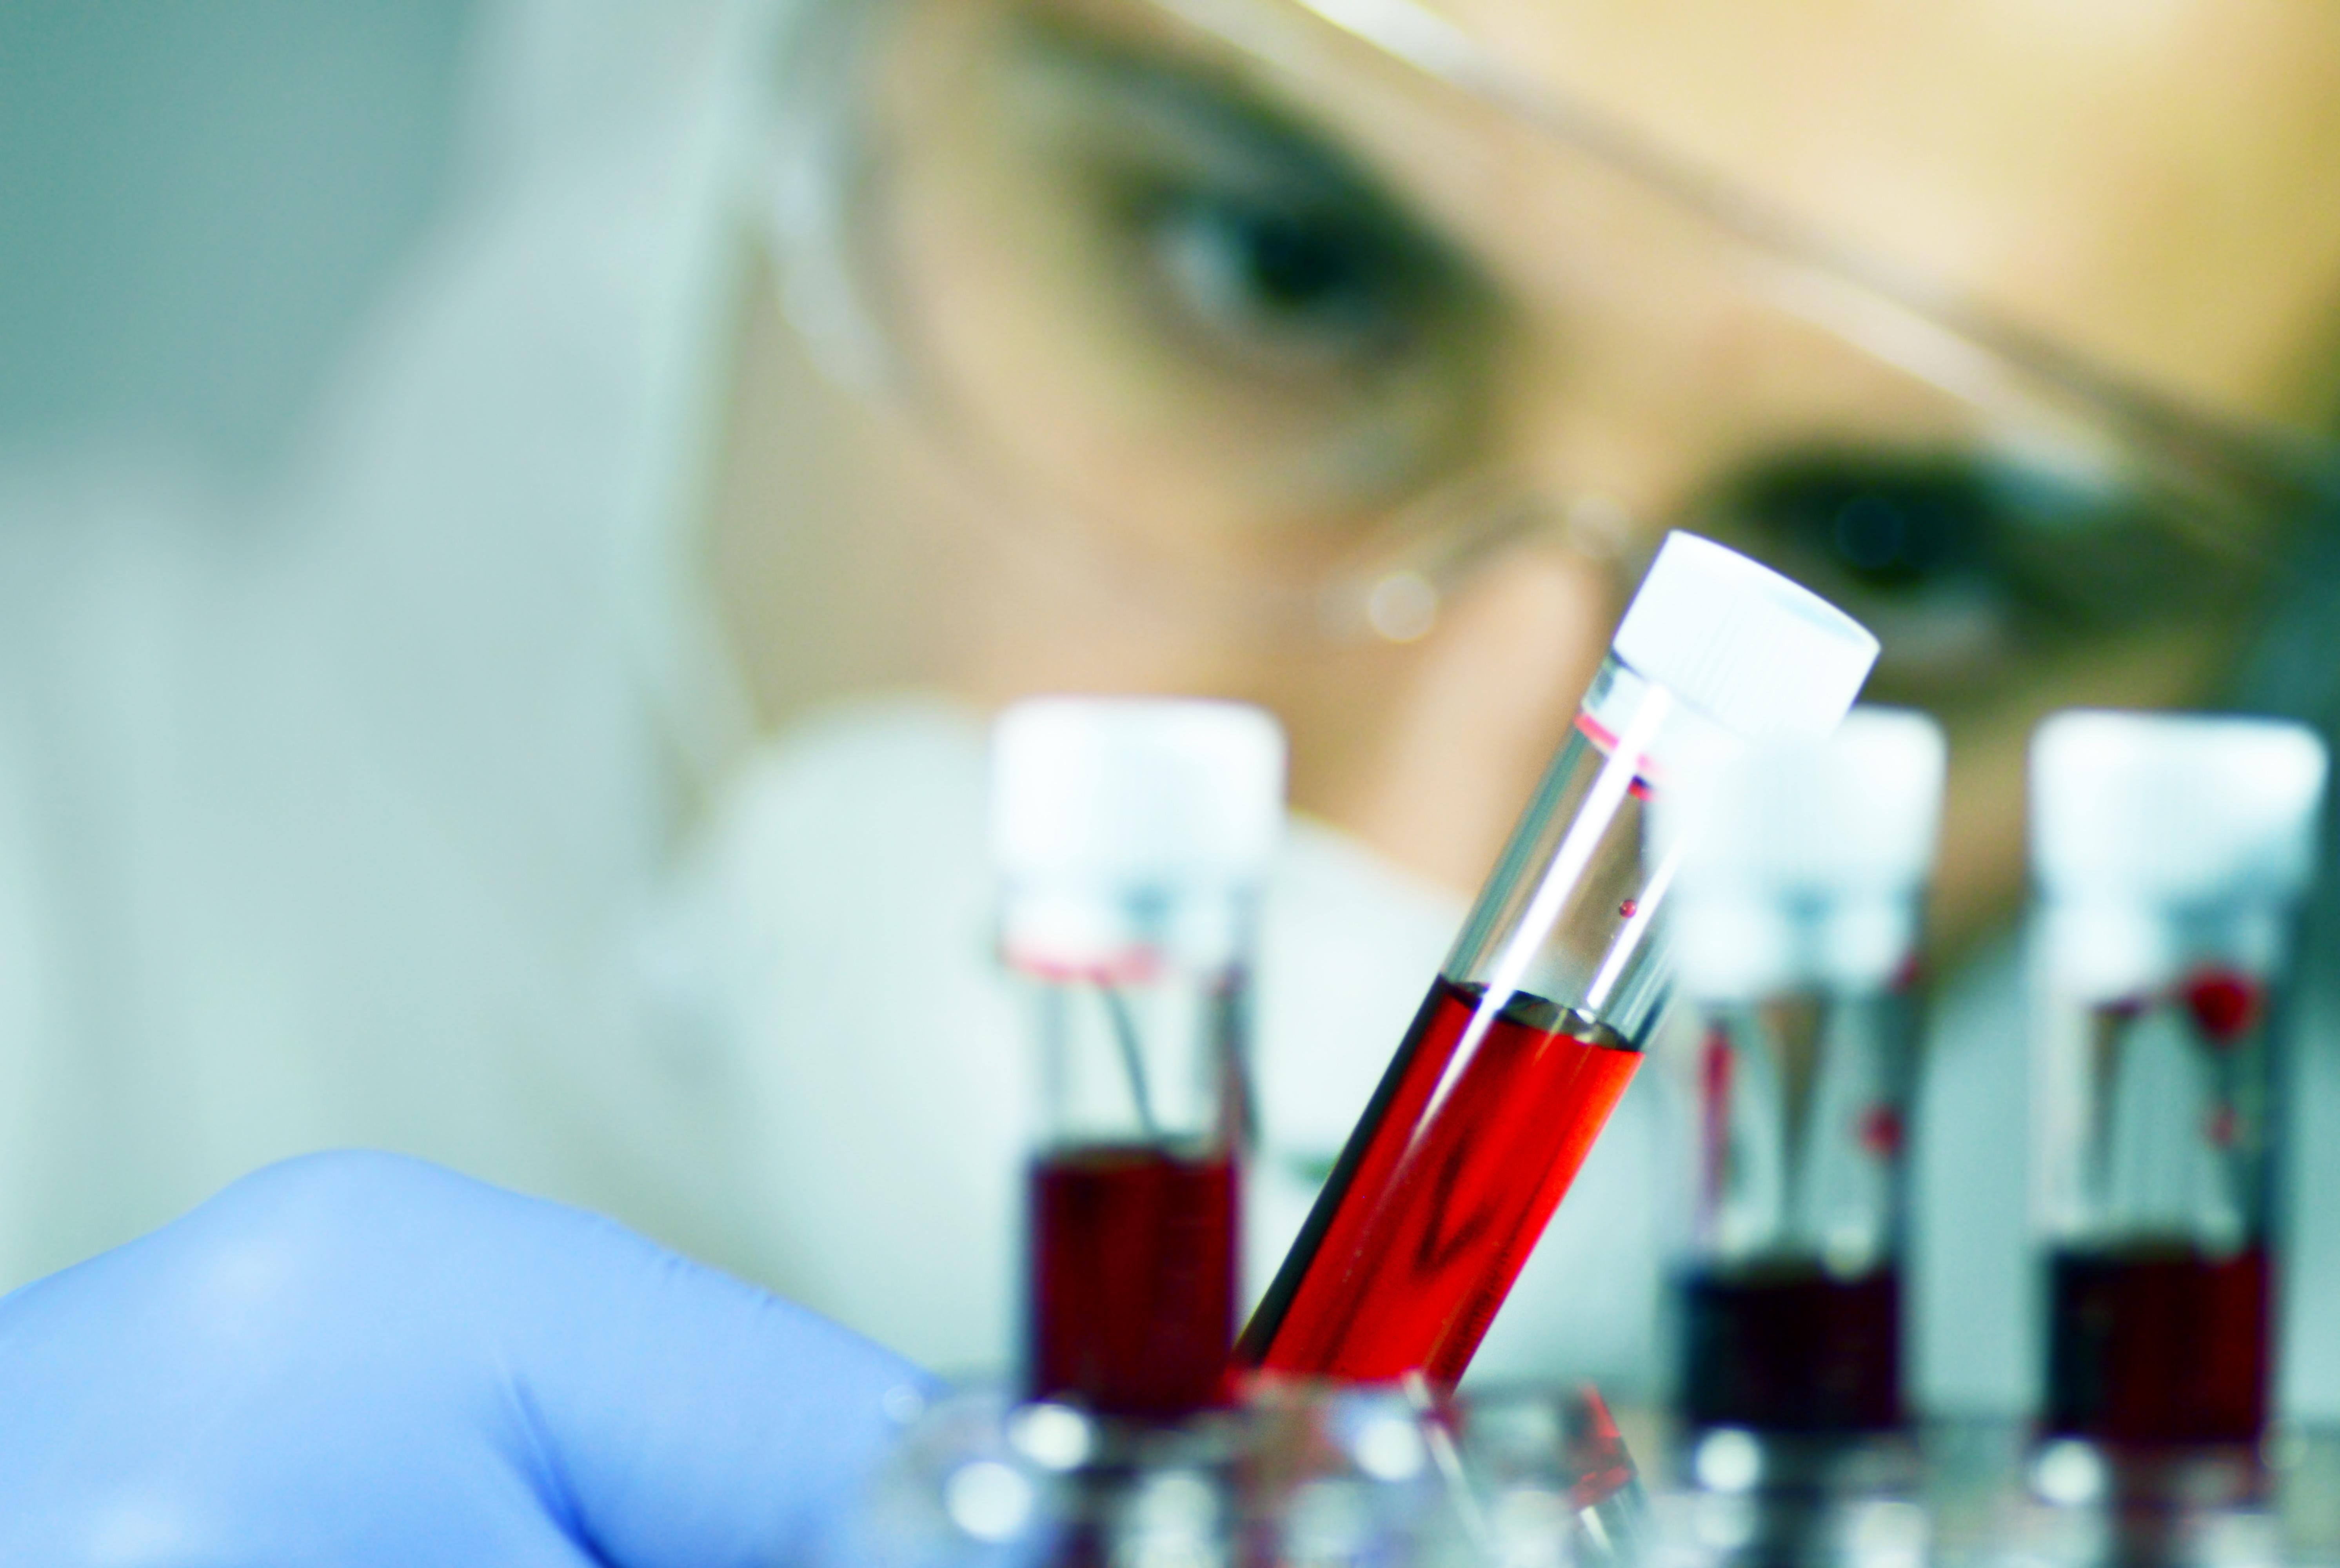 Alors que la course au vaccin anti-COVID-19 bat son plein, plusieurs « vieux » vaccins sont documentés comme protecteurs contre l'infection à SARS-CoV-2 (Visuel Adobe Stock 230517428)